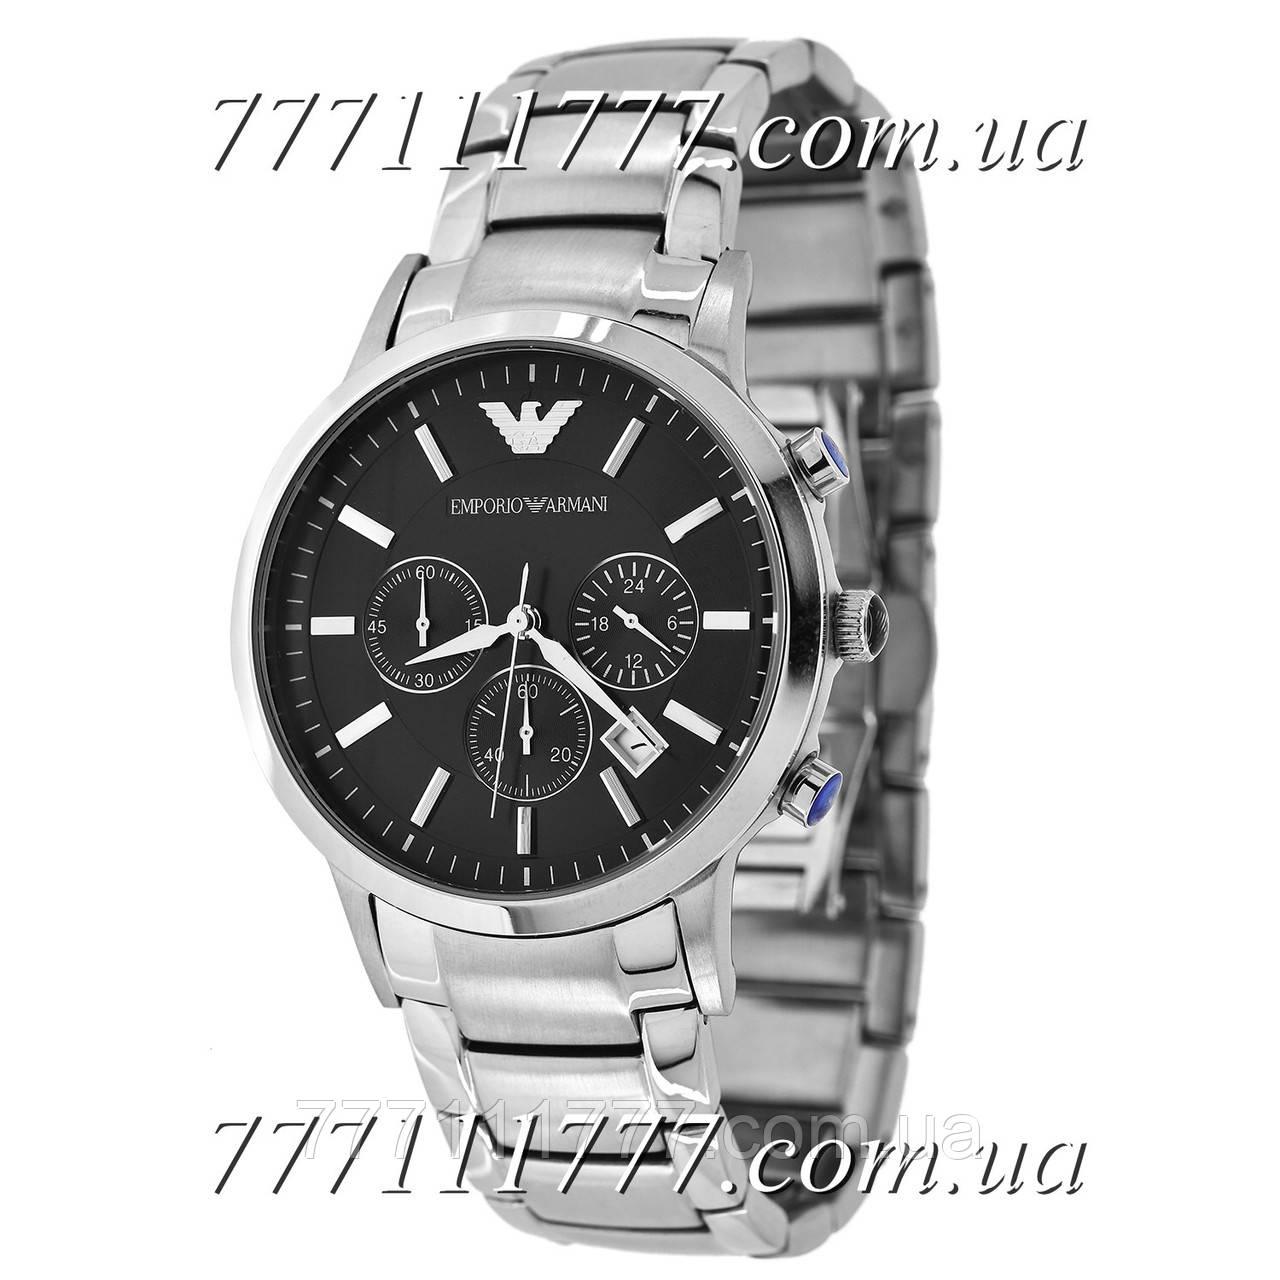 Часы 2012 наручные каталог женских наручных позолоченных часов